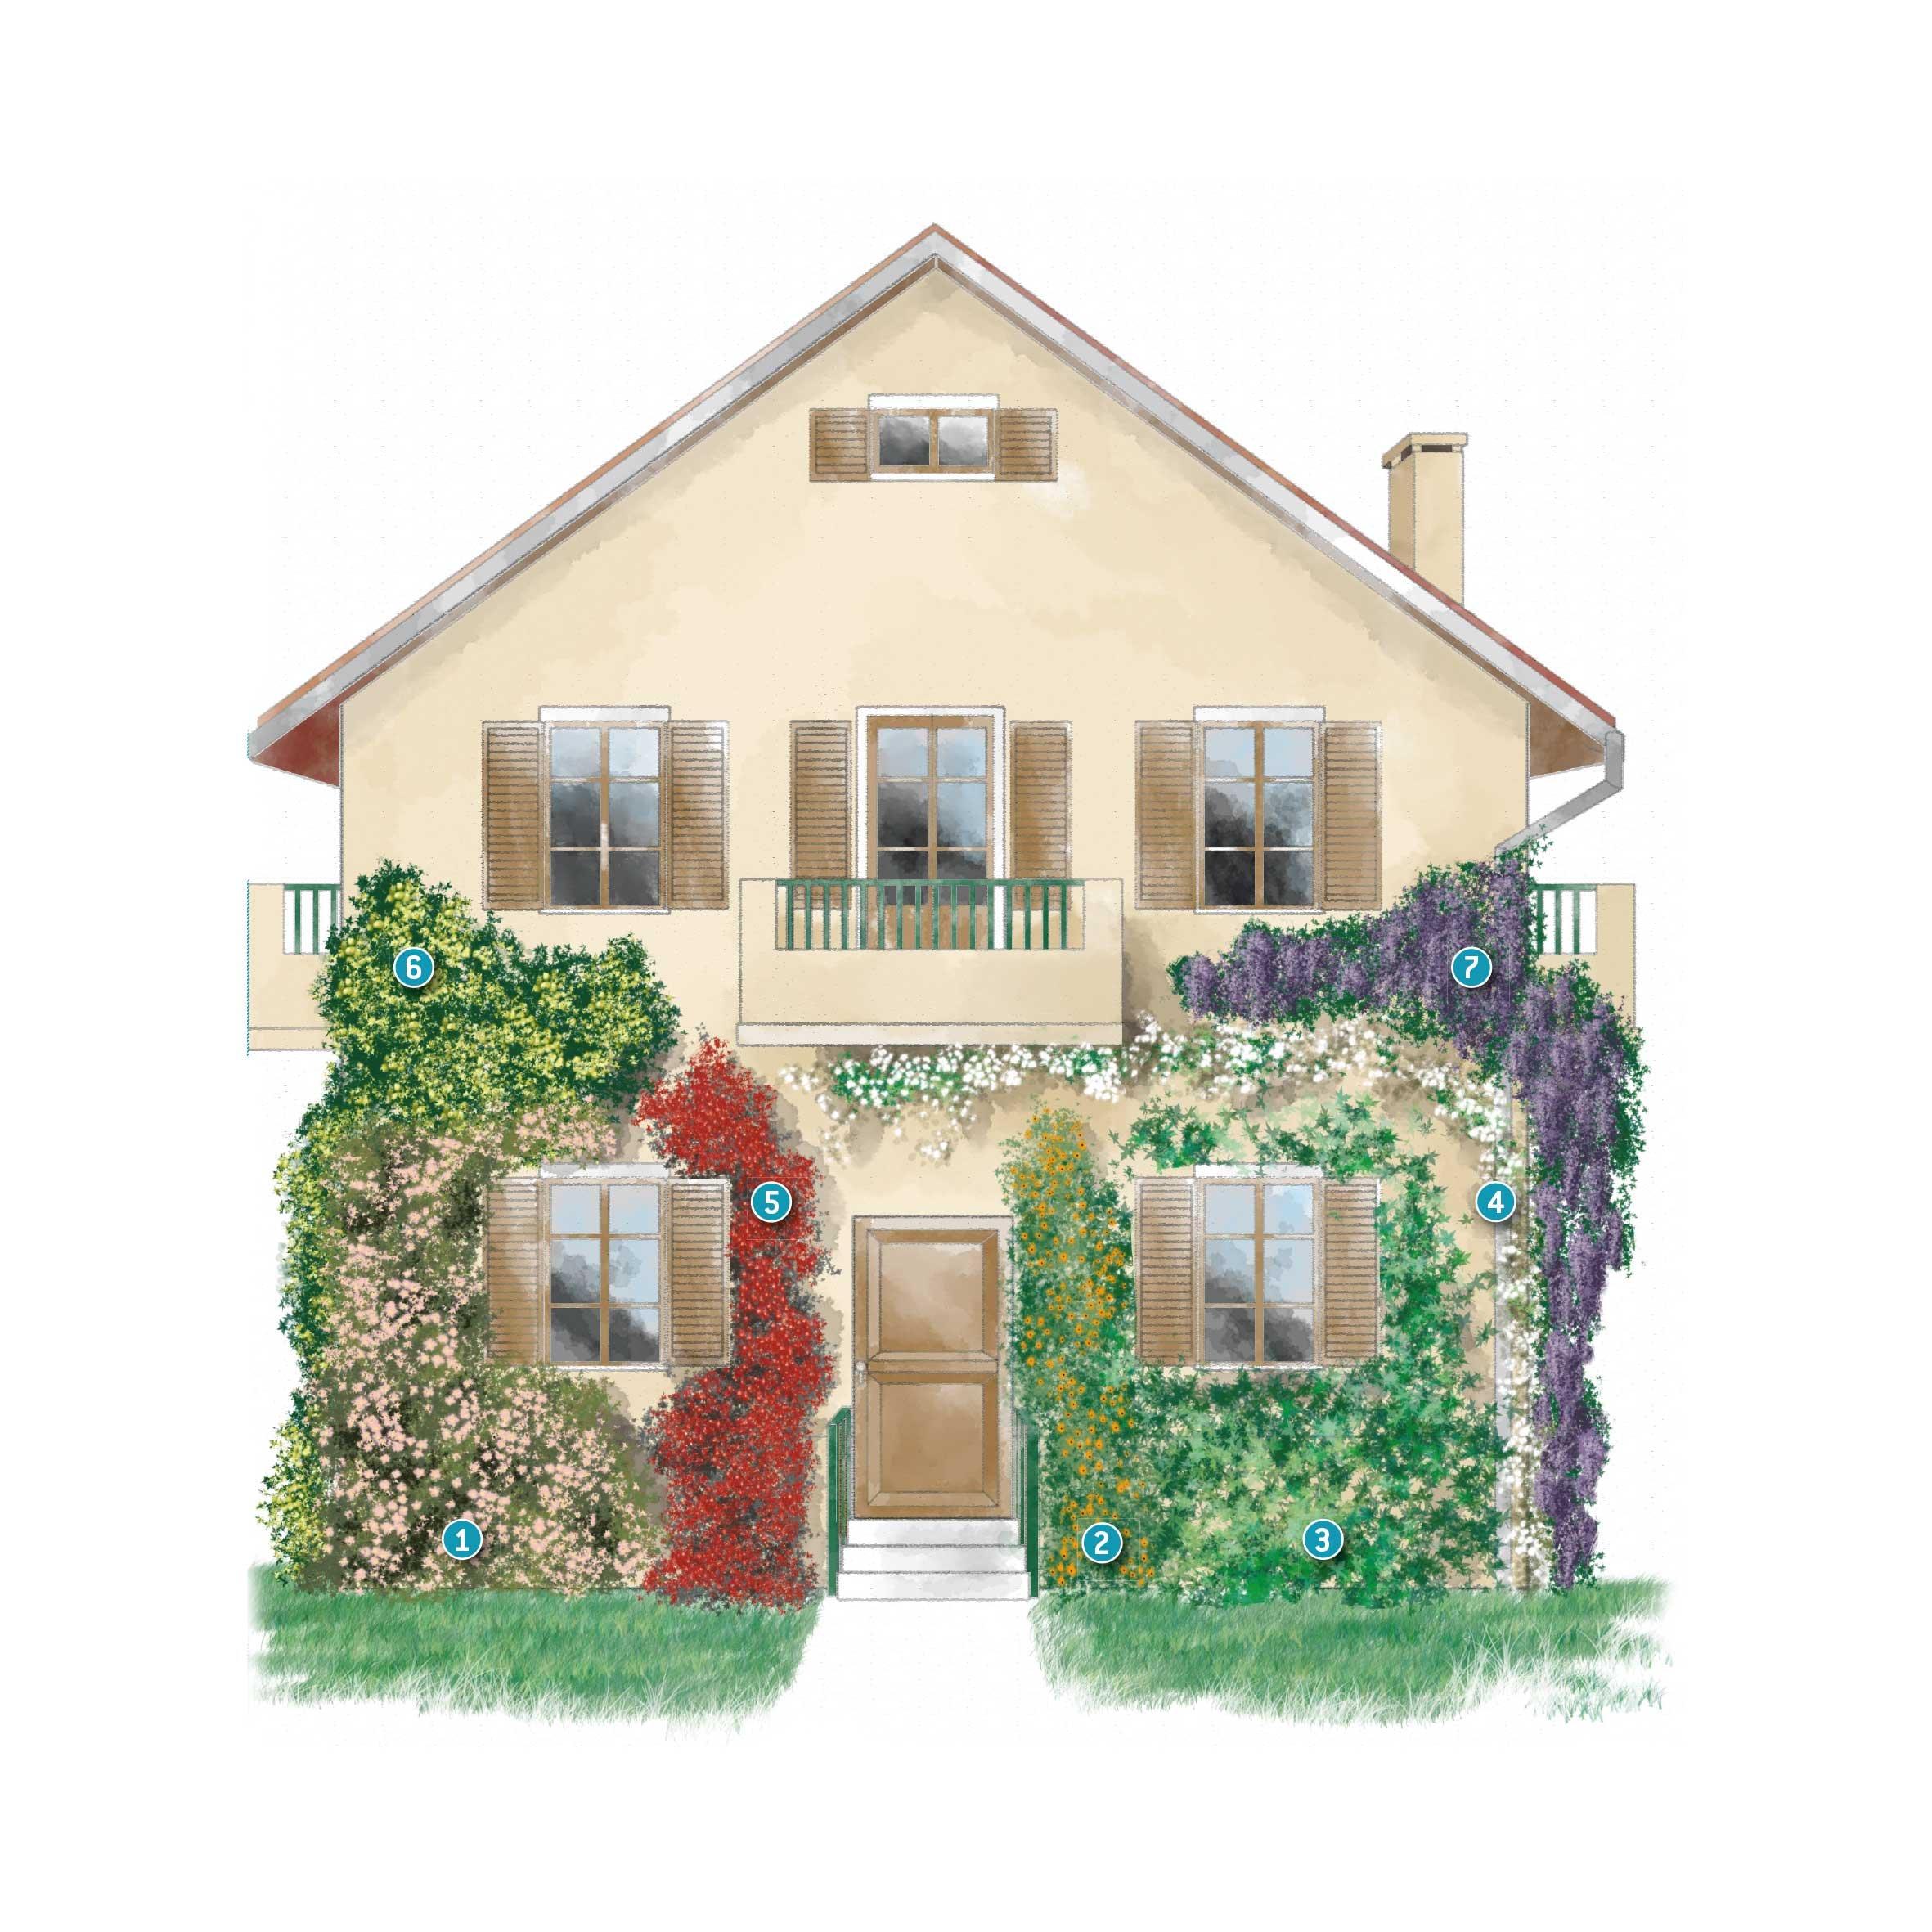 Rinnovare la facciata della casa con le piante rampicanti for Disegni di casa alta